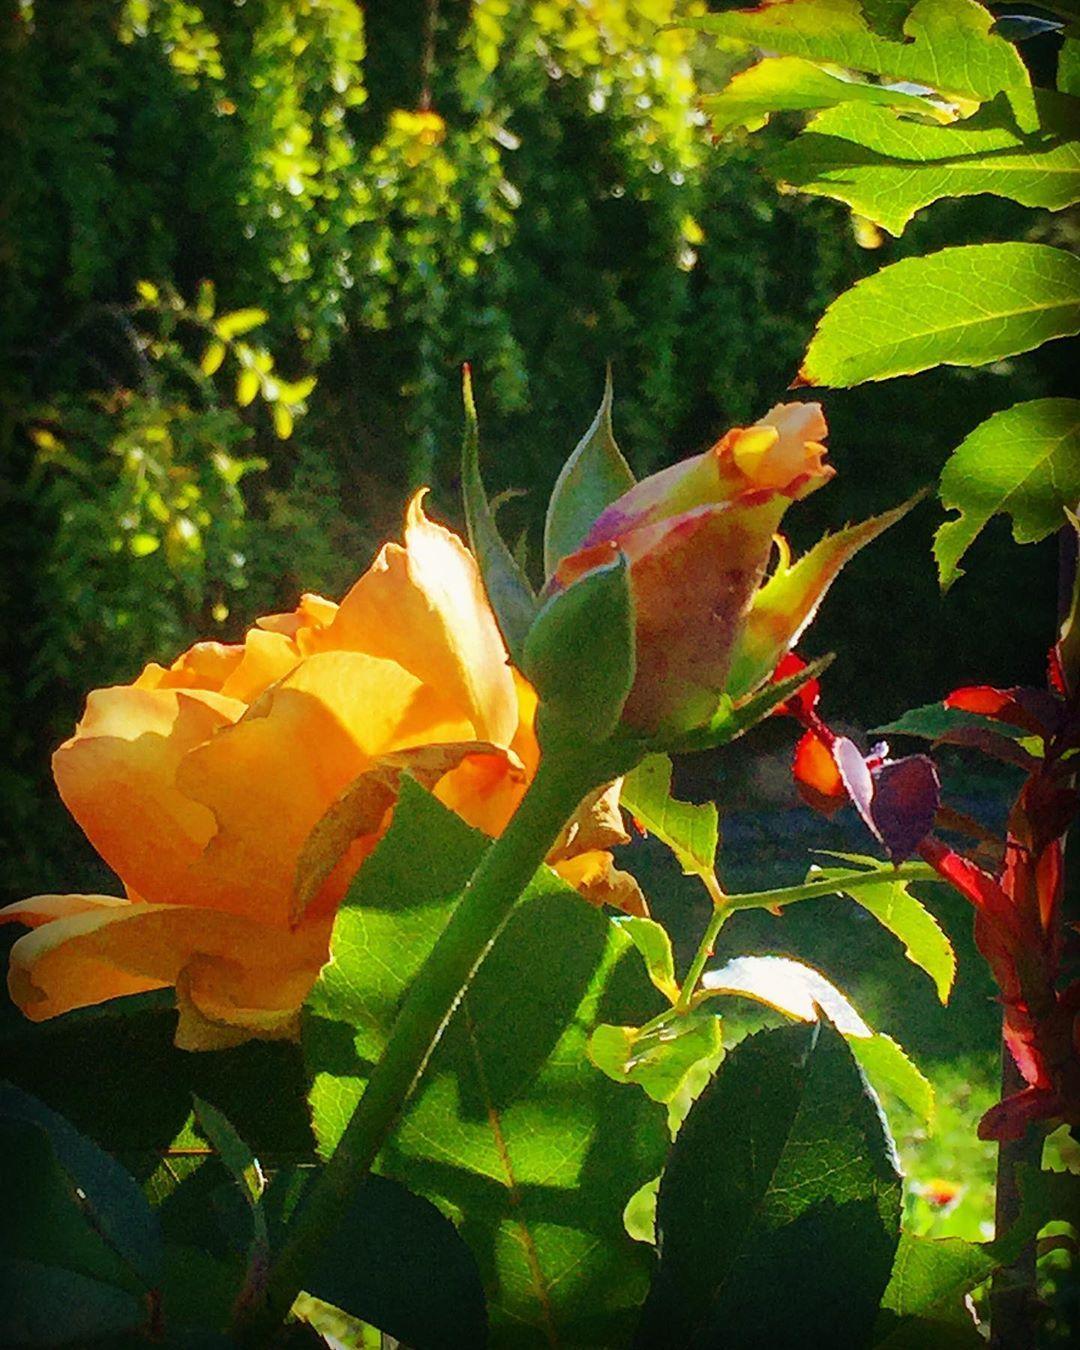 Rzecz W Tym Ze Zamiast Przeprosin Chcemy Uslyszec Dlaczego Dzien Dobry Milego Dnia Zycze Kwiaty